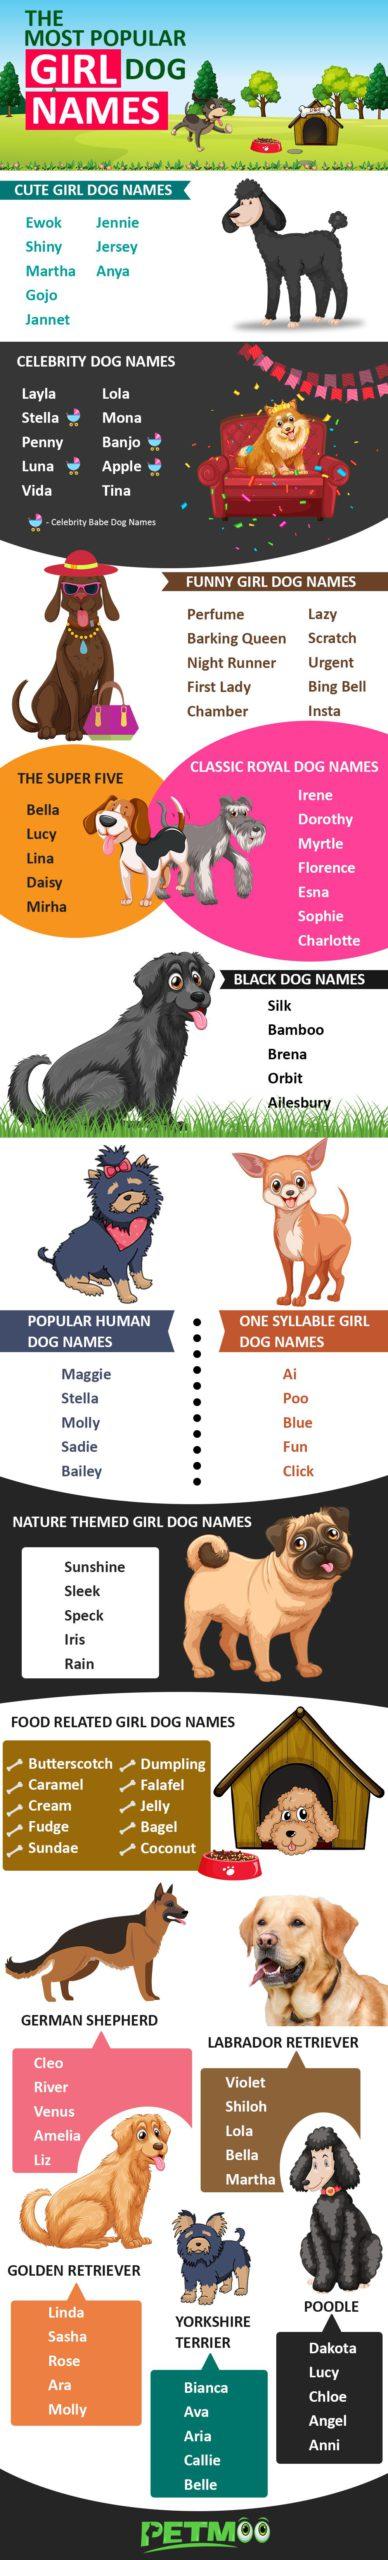 Girl Dog Names Infographic